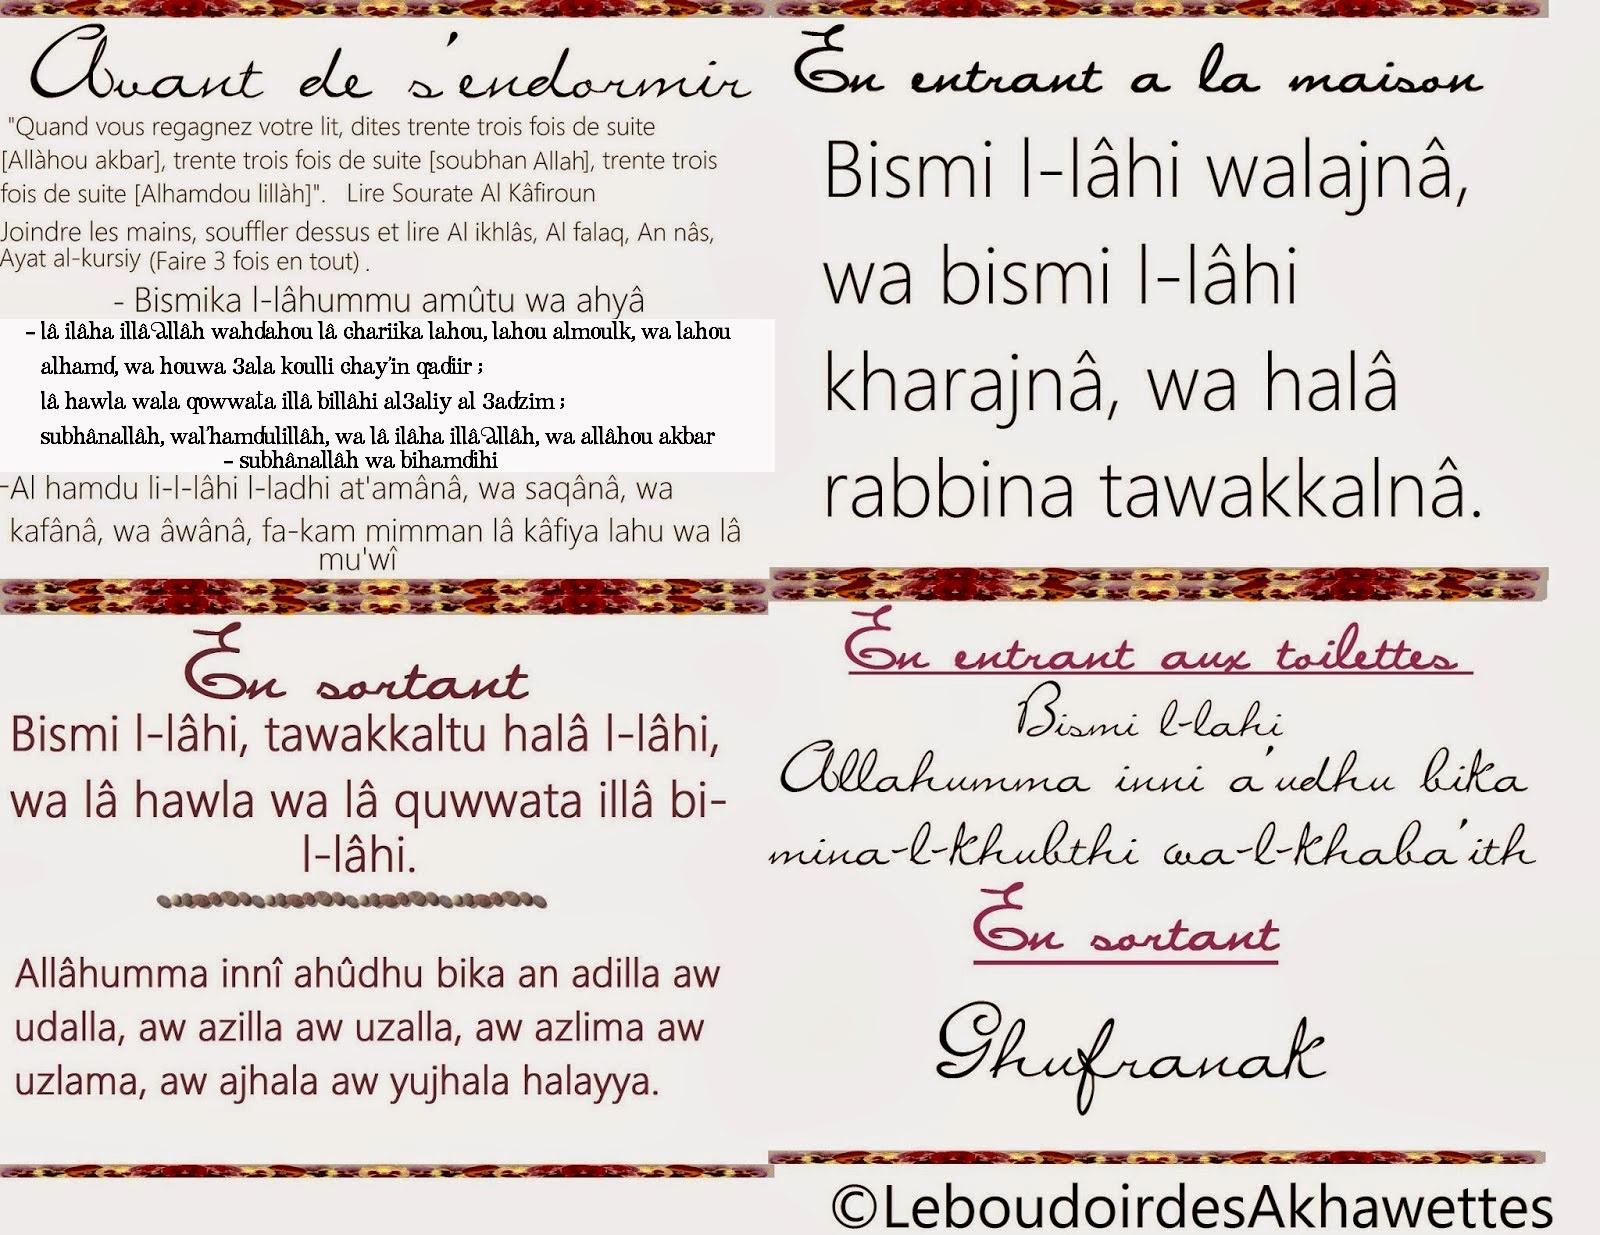 Le boudoir des Akhawettes: Invocations du quotidien en ...